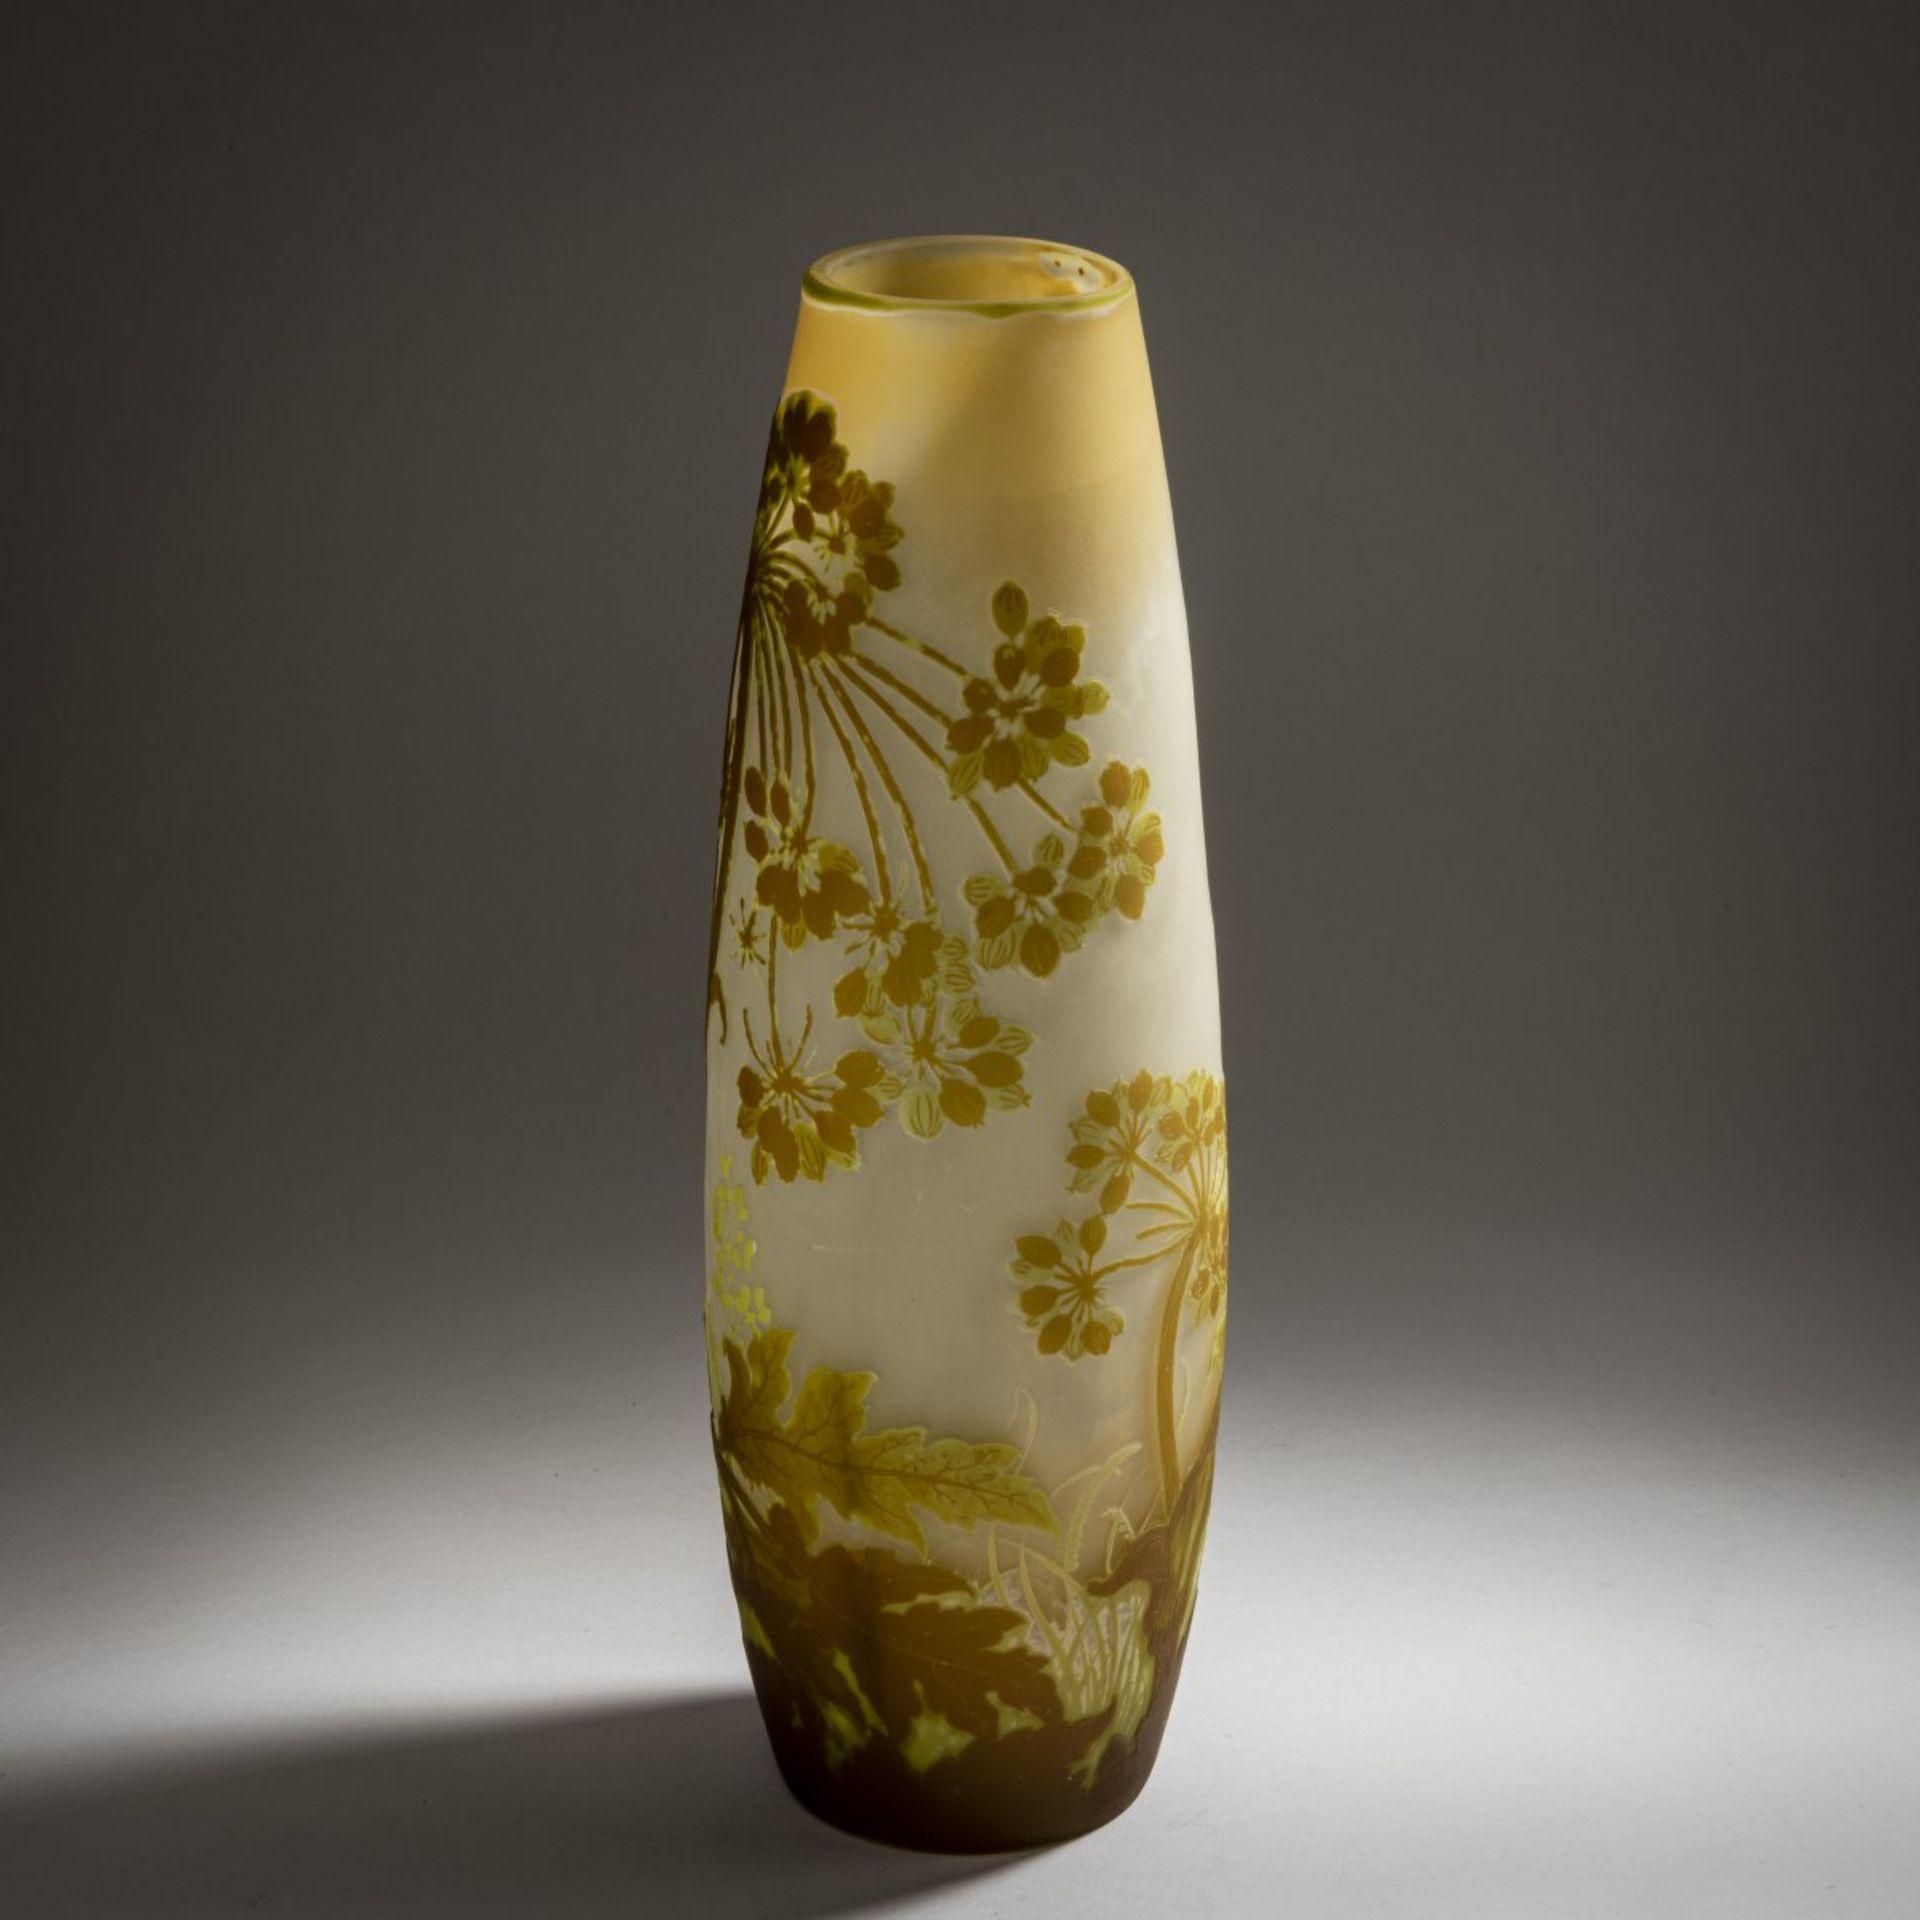 Emile Gallé, Nancy, Vase 'Ombelles', 1902-04 - Bild 3 aus 4